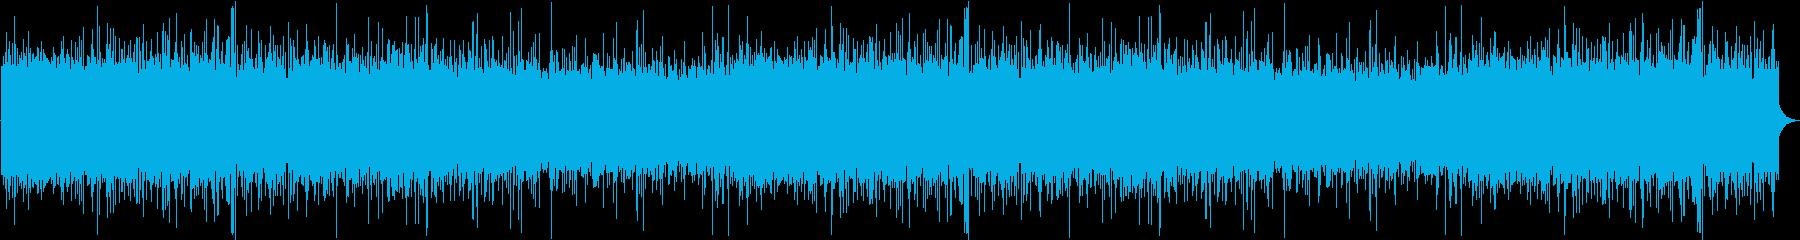 天気 雨02の再生済みの波形